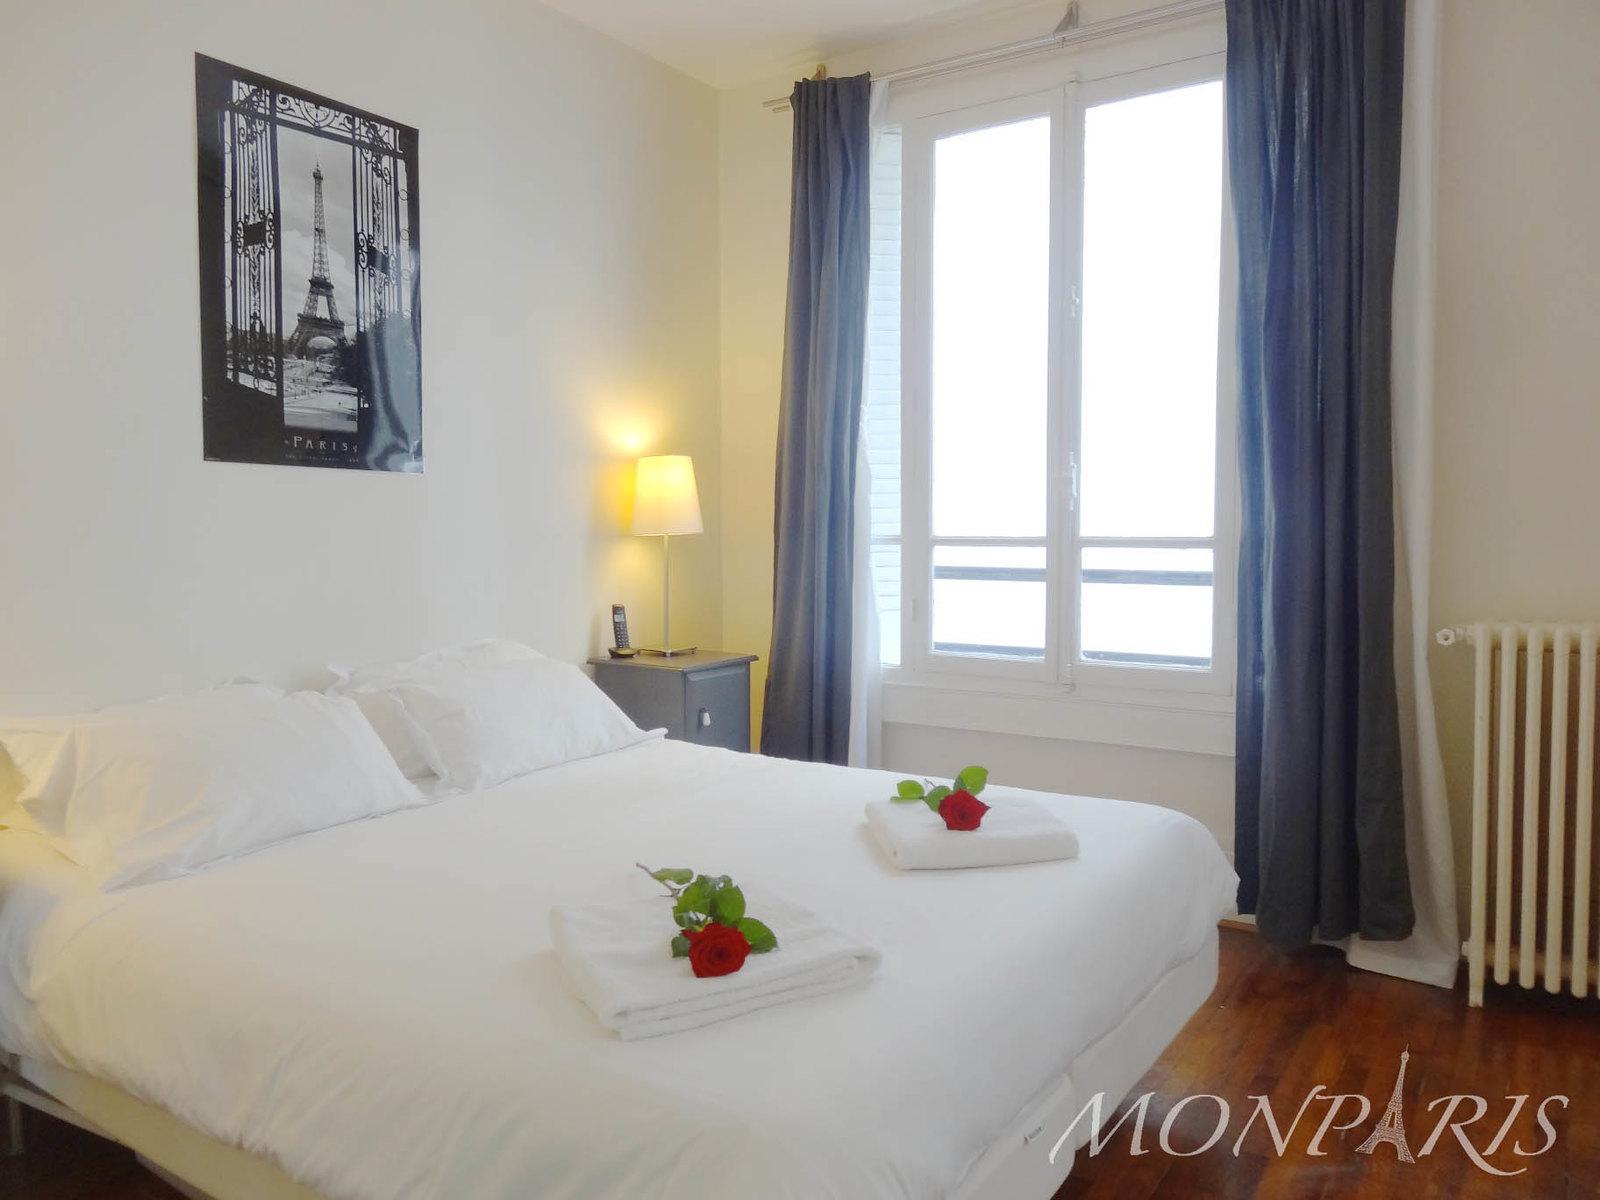 apartamento monparis monsieur